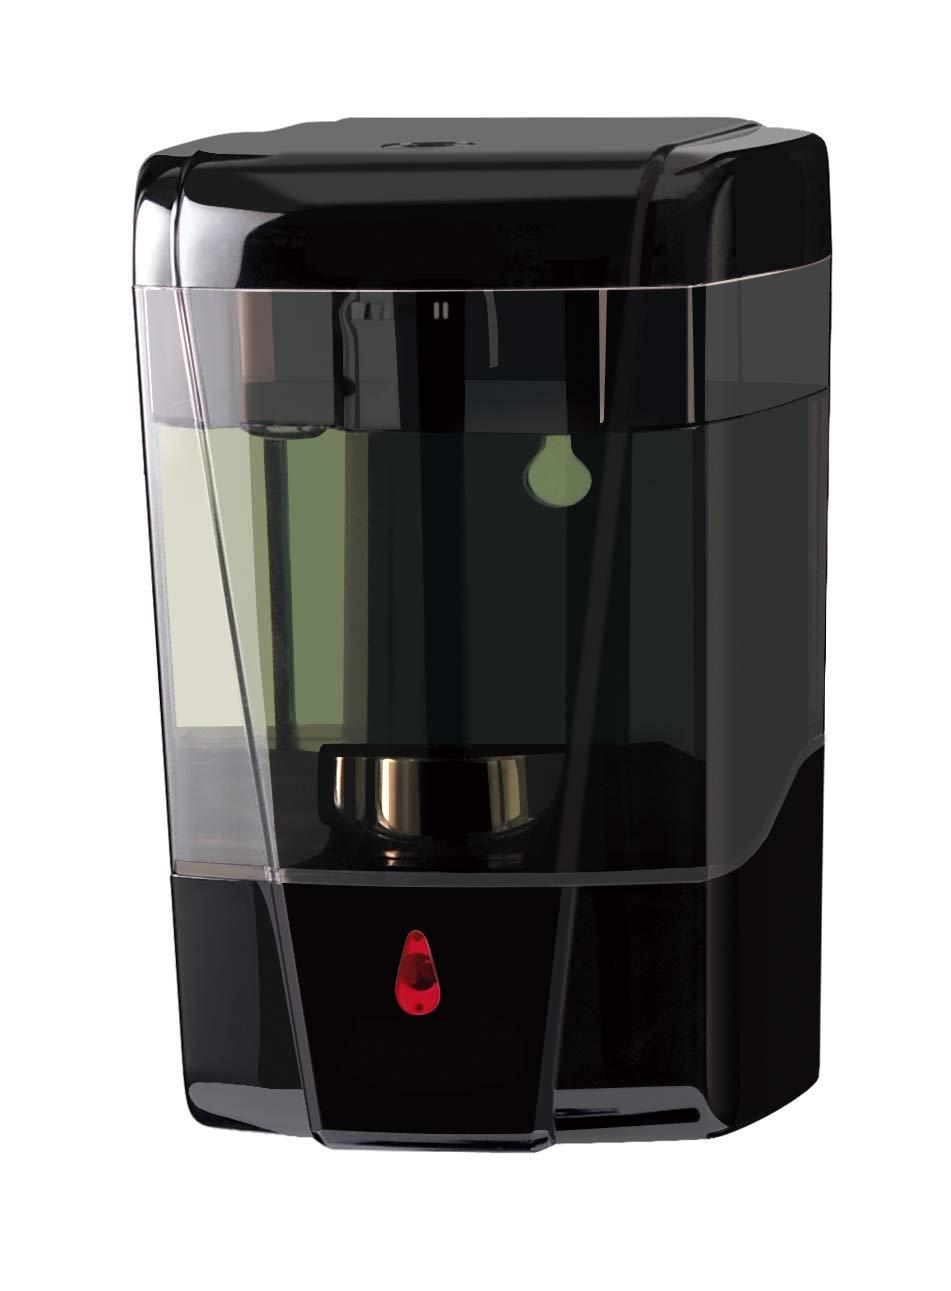 Svavo Dispensador de jab/ón Pared autom/ático con dispensador de jab/ón para Montar en la Pared lavadero Cocina Gran Capacidad para ba/ño 600 ml